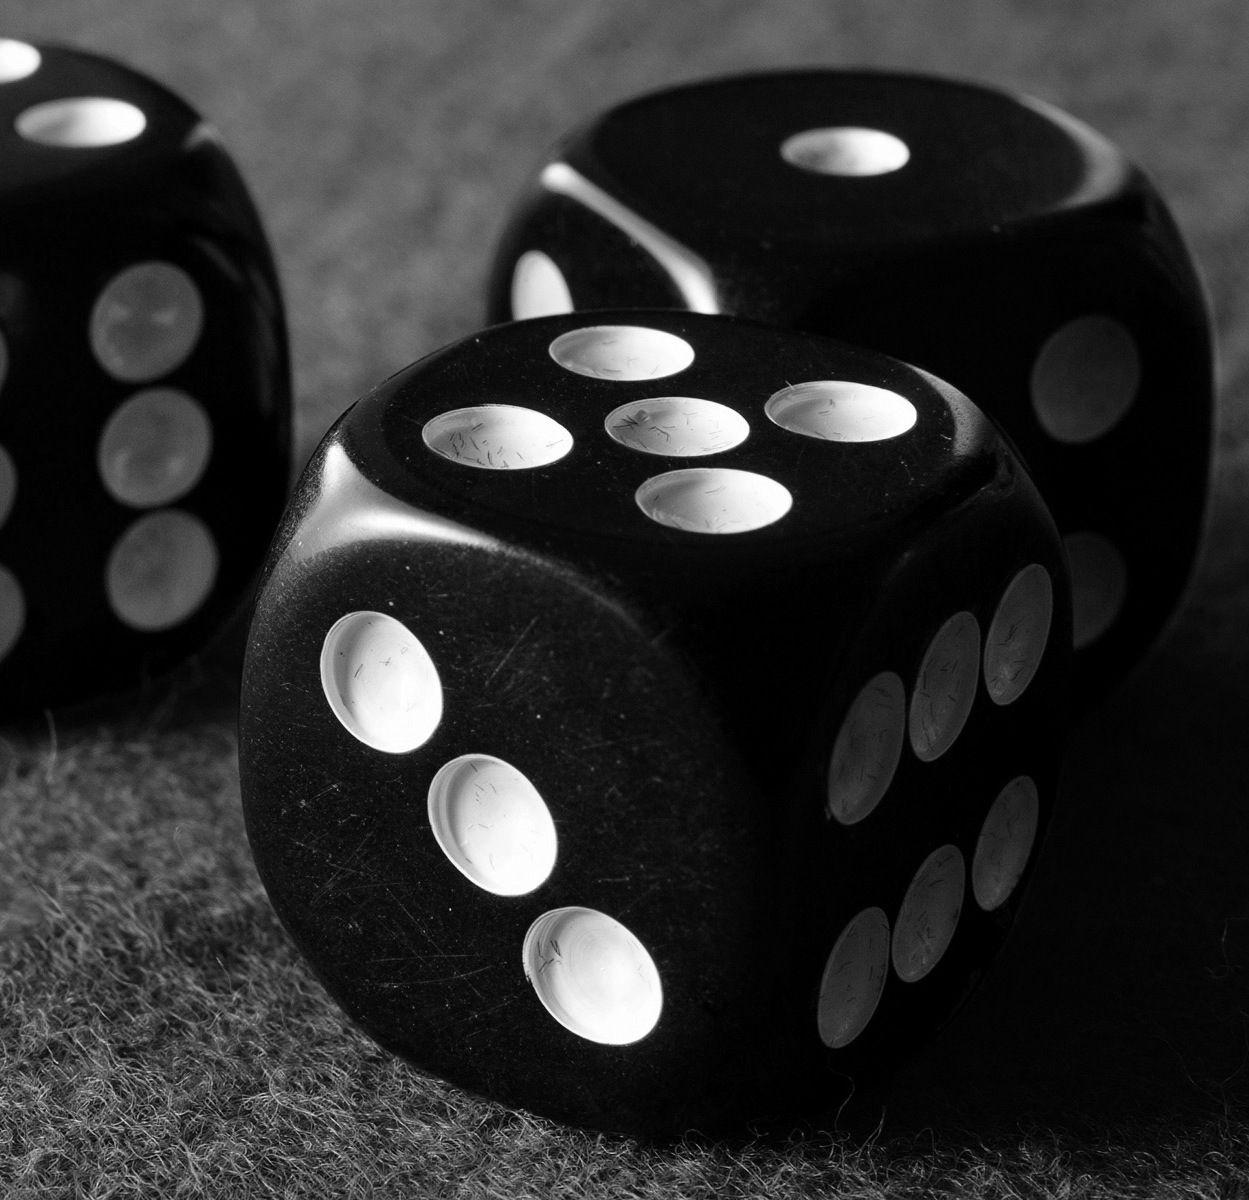 Roll The Dice Papel De Parede Preto E Branco Leao Preto E Branco Preto E Branco